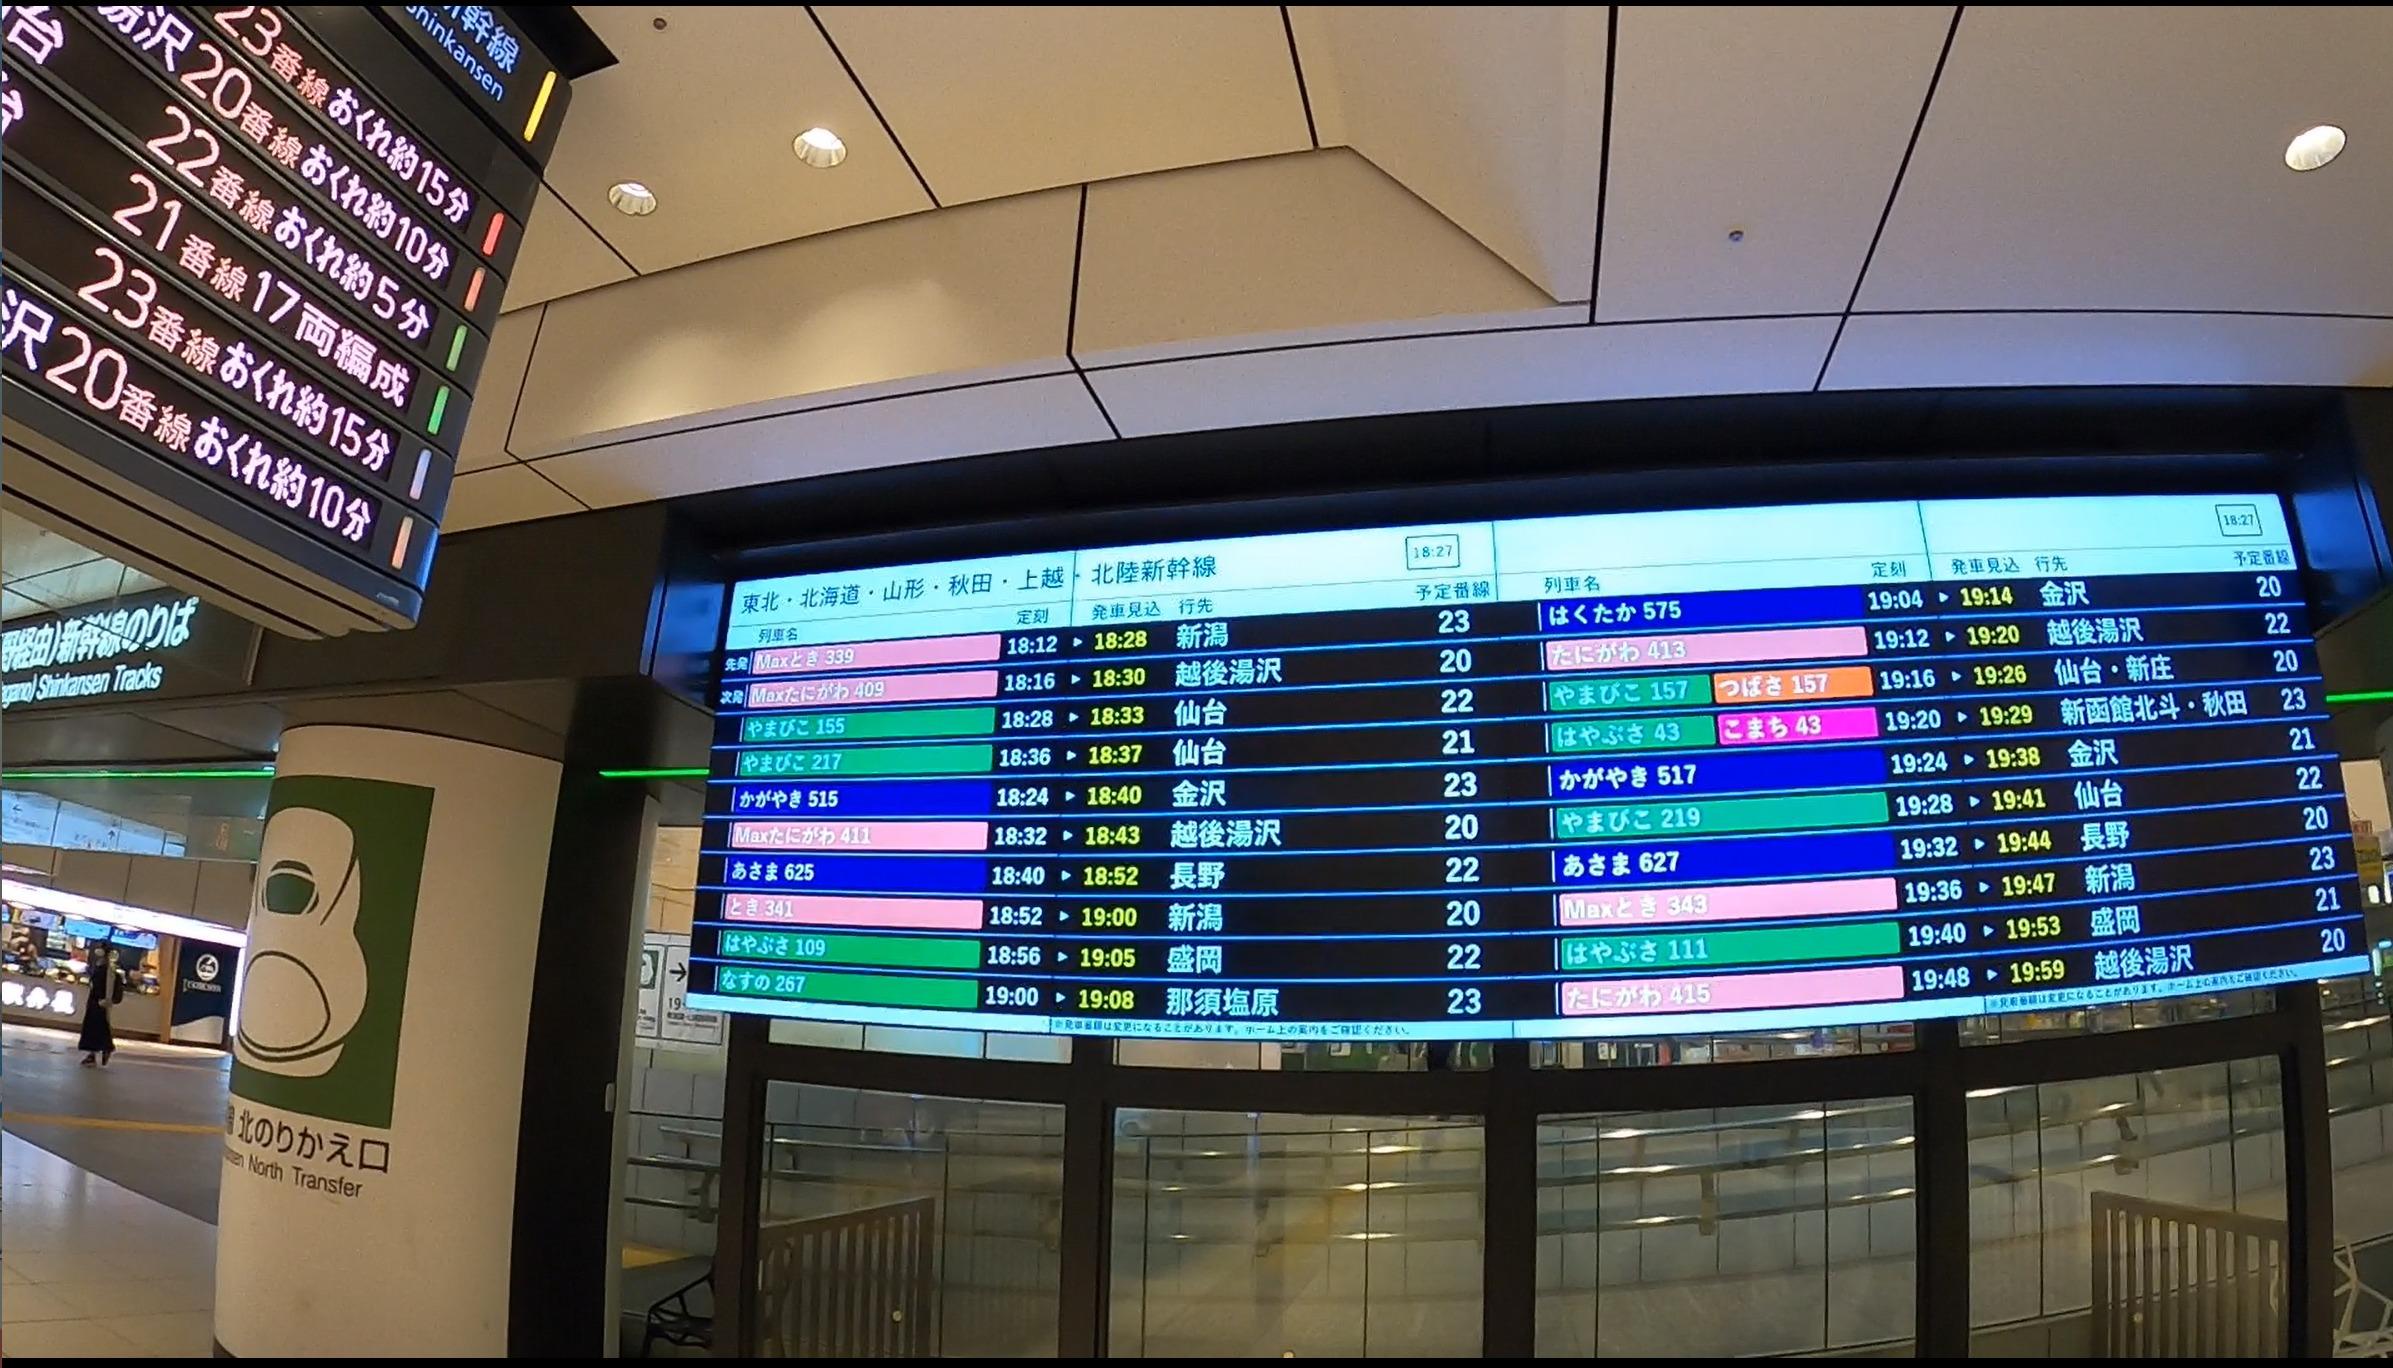 東北新幹線東京駅に空港のような電光掲示板が設置 発車見込み時刻まで表示